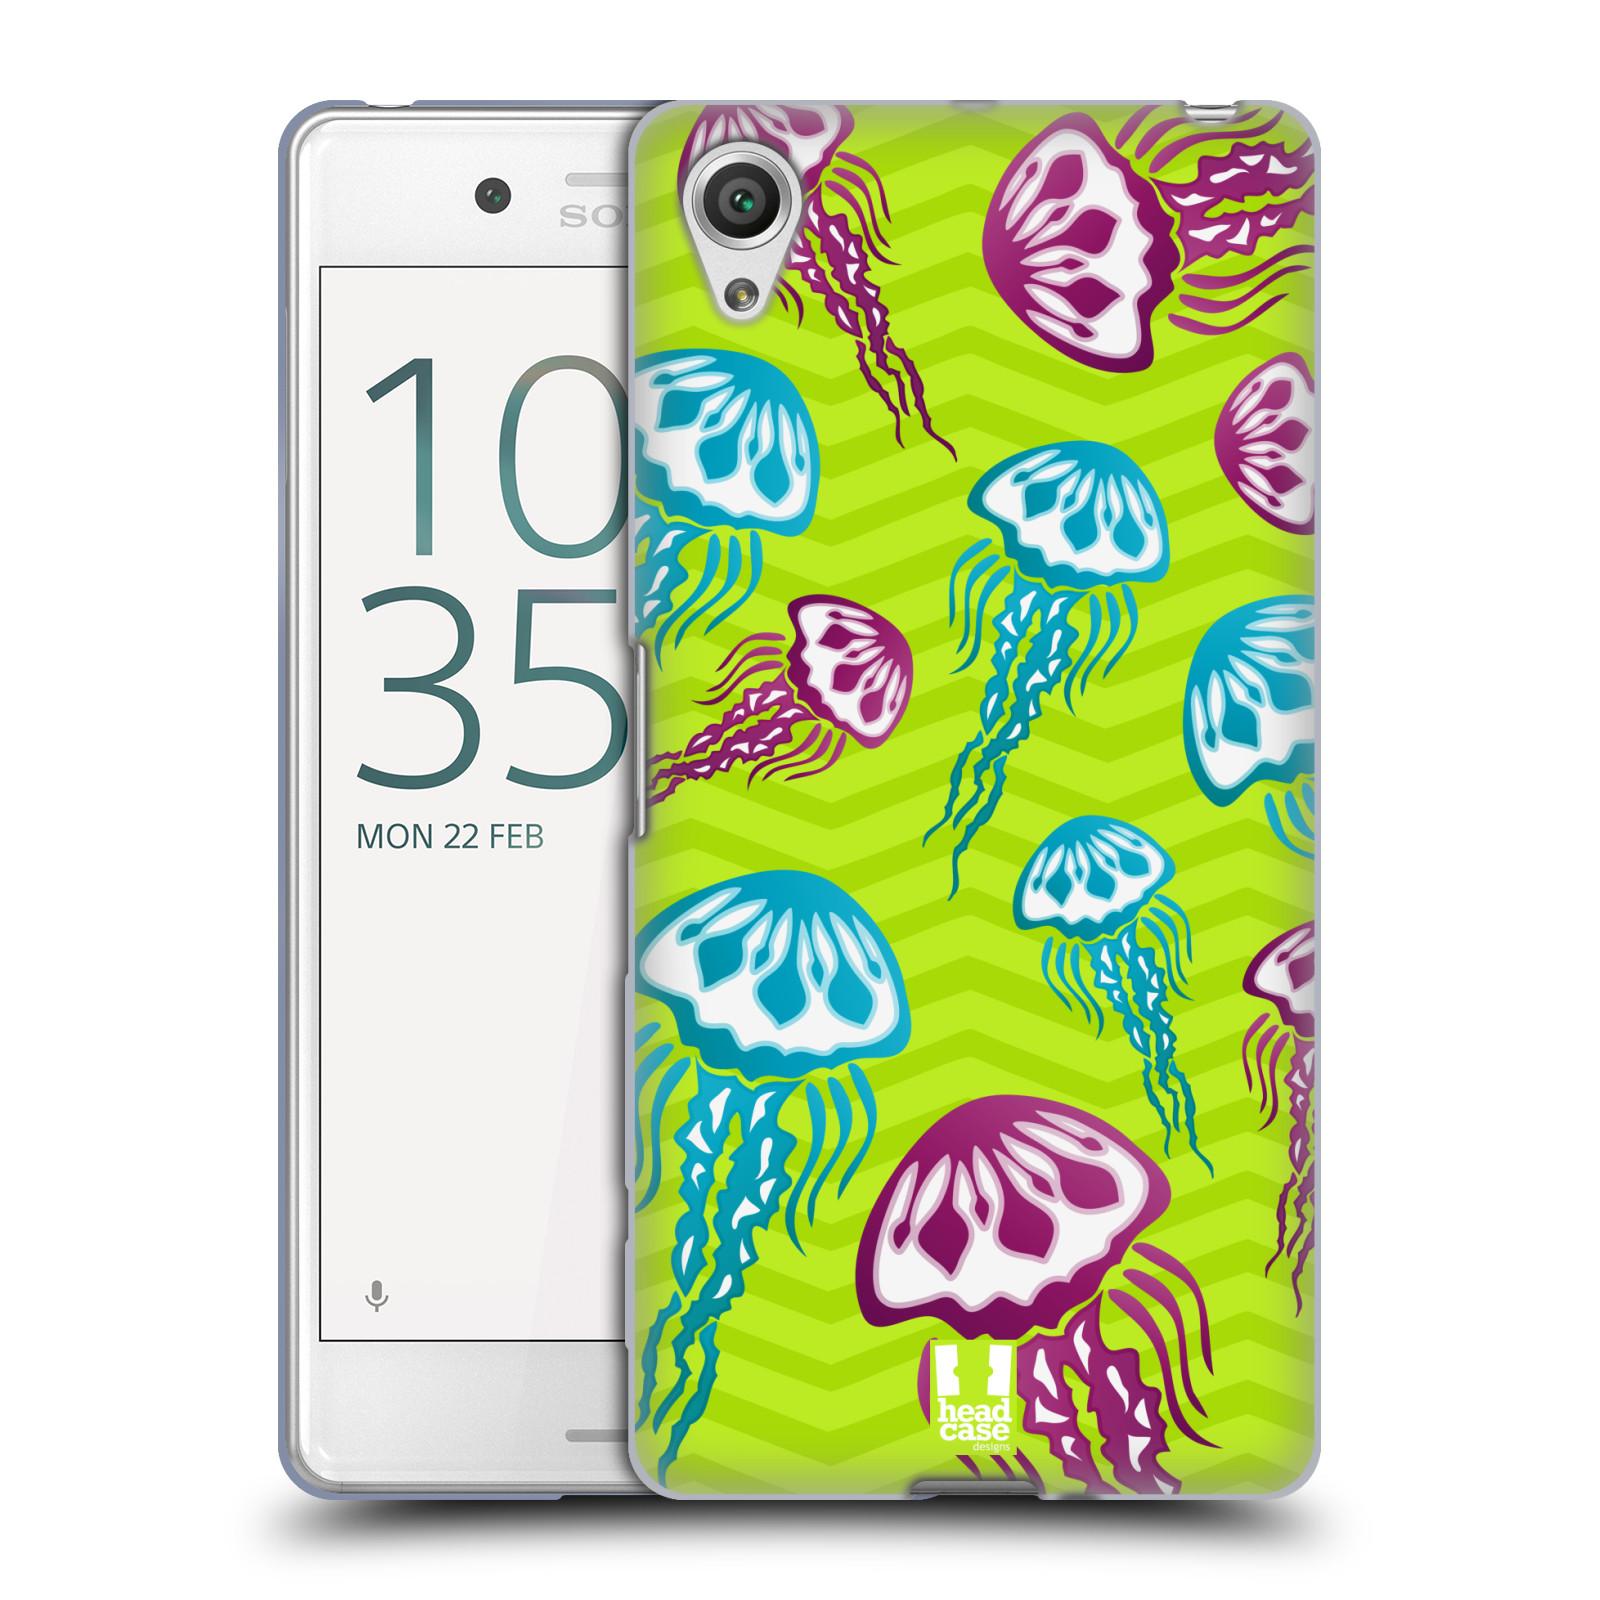 HEAD CASE silikonový obal na mobil Sony Xperia X PERFORMANCE (F8131, F8132) vzor mořský živočich medůza